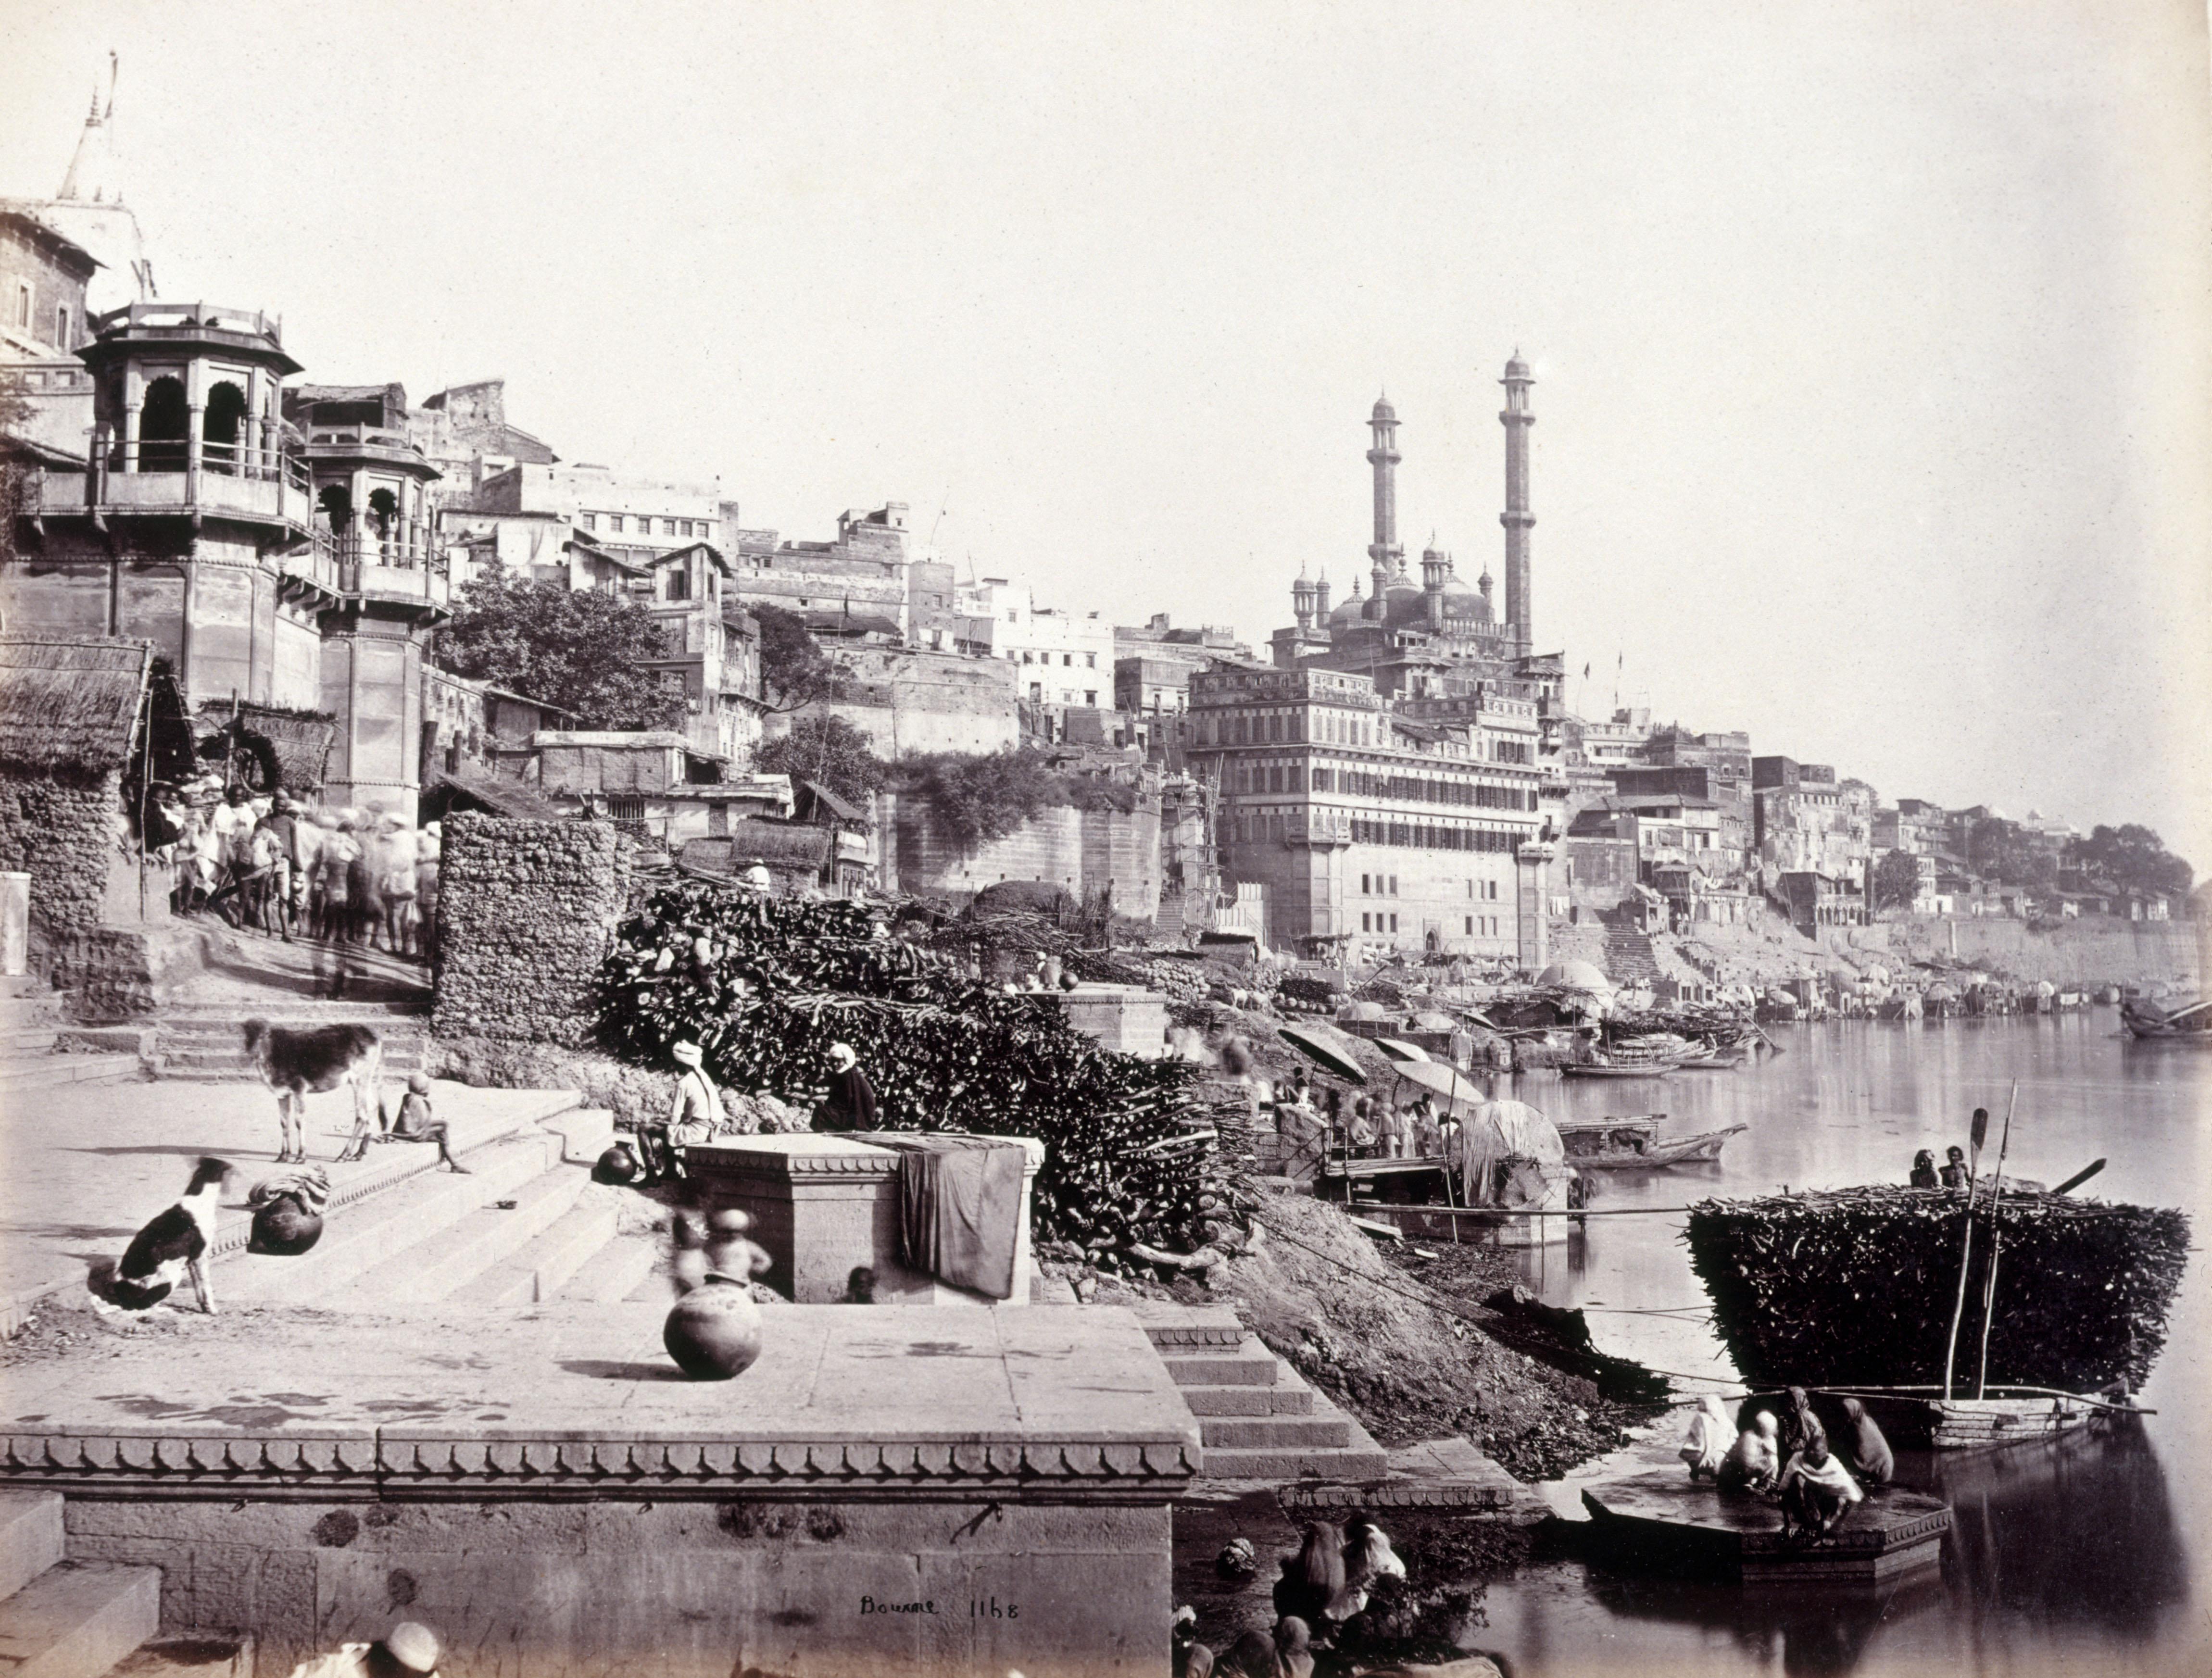 Vue de la mosquée d'Auranzgeb et des ghats à Bénarès, S.Bourne, vers 1864-1870